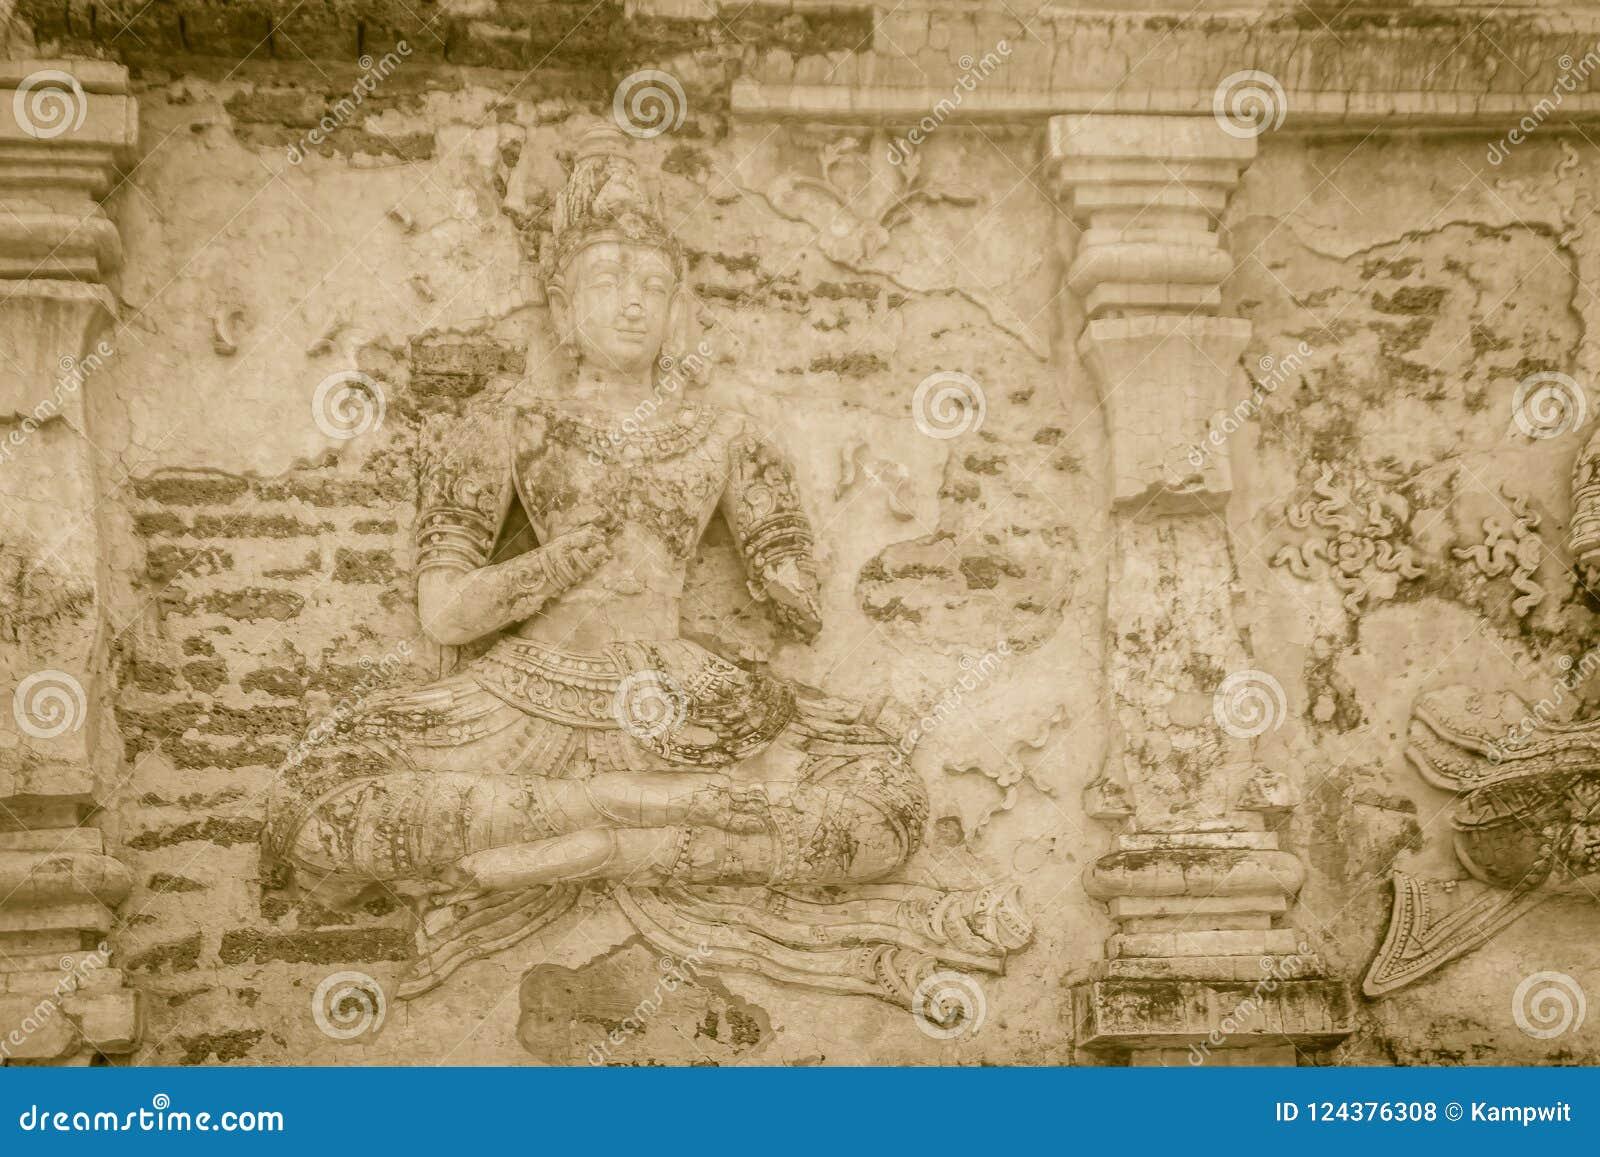 Παλαιός στόκος Βούδας και αριθμοί αγγέλου για έξω από τη Maha Chedi Wat Chet Yot (Wat Jed Yod) ή Wat Photharam Maha Vihara, τ